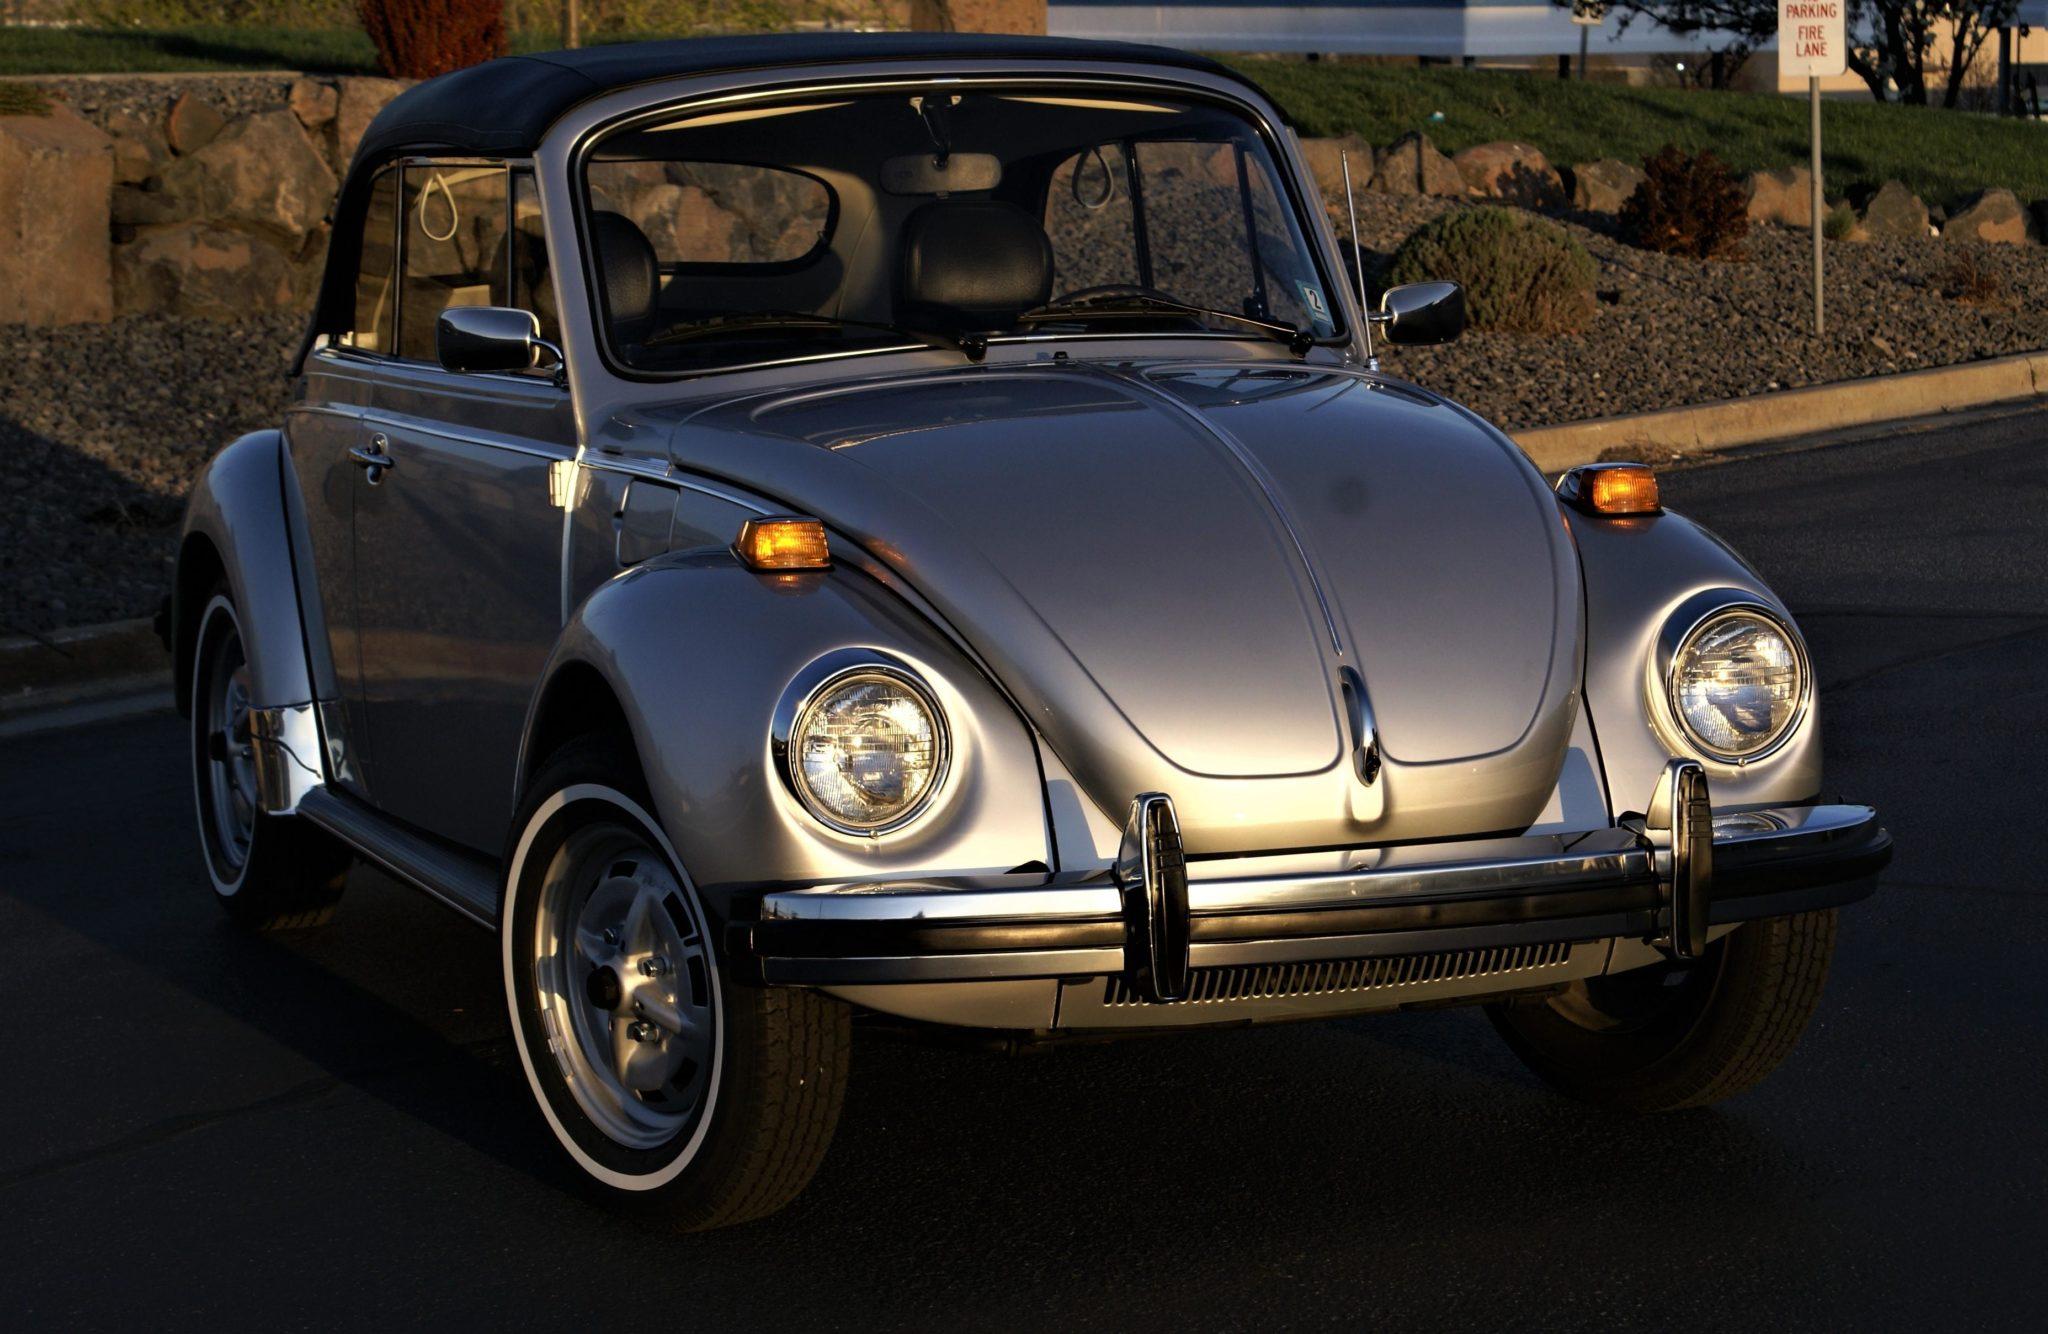 1979_volkswagen_super_beetle_cabriolet_1587072840f3ef5edb25977DSC07318-scaled